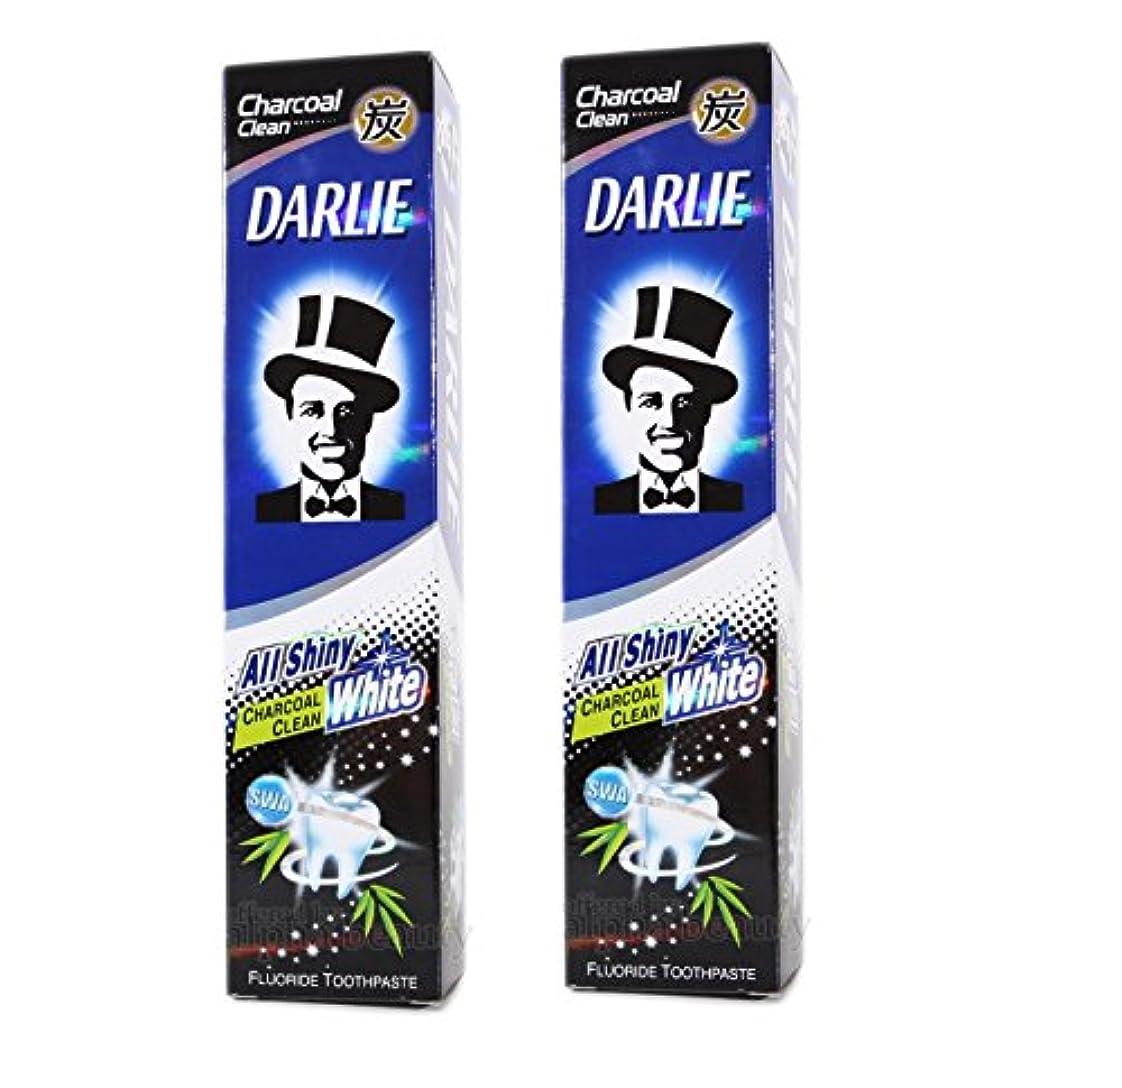 迫害する大事にする修羅場2 packs of Darlie Charcoal All Shiny Whitening Toothpaste by Darlie